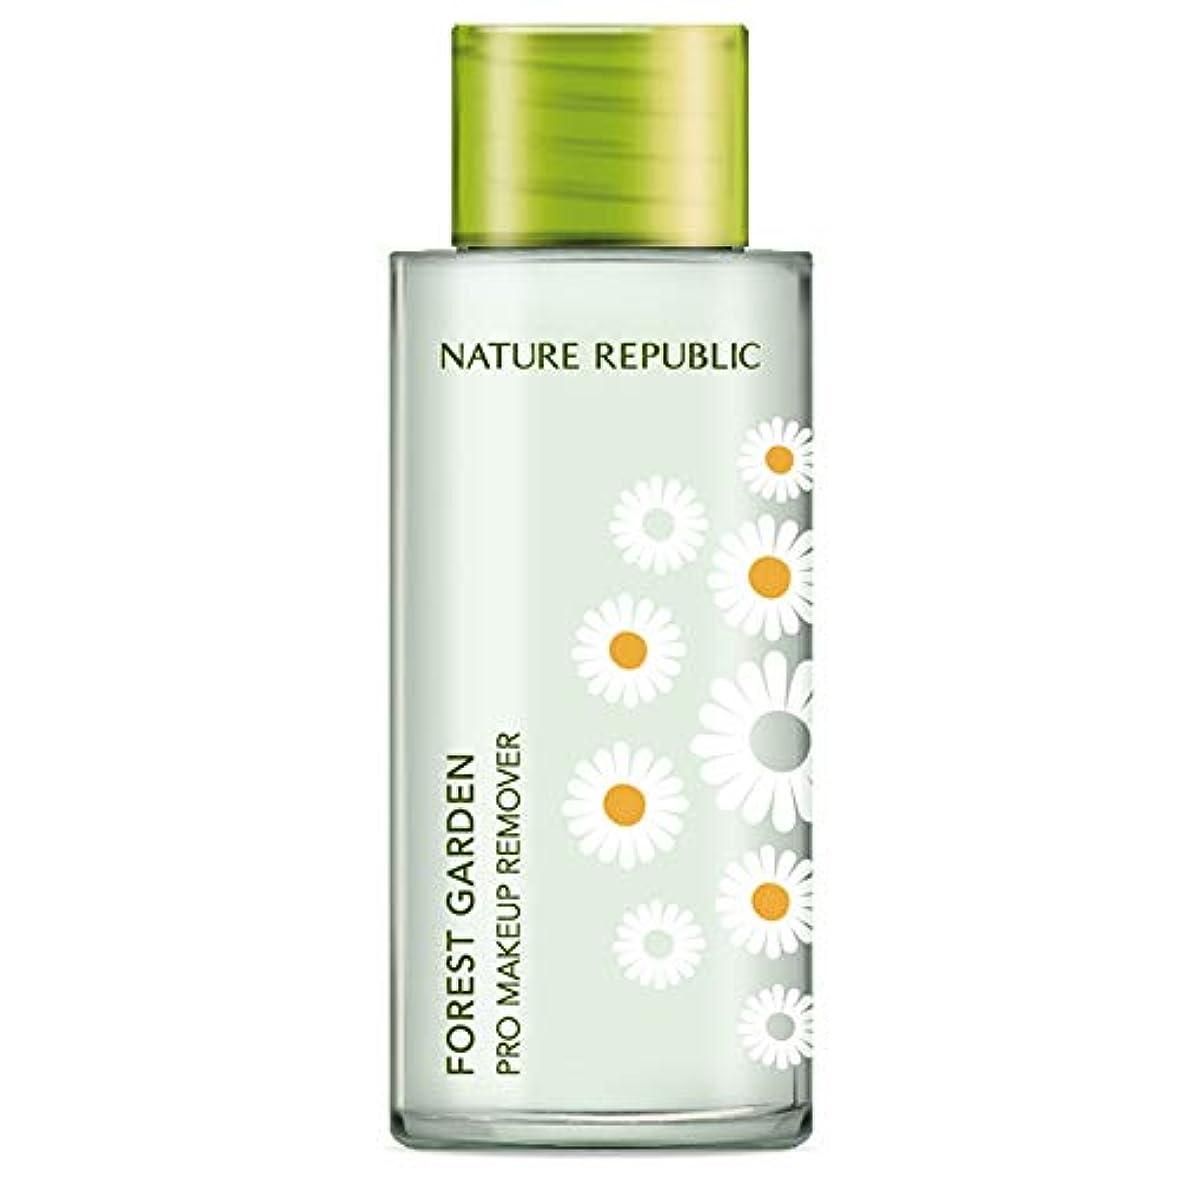 マイルバーター別れるNature Republic Forest Garden Pro Makeup Removerネイチャーリパブリックフォレストガーデンプロメーキャップリムーバー [並行輸入品]